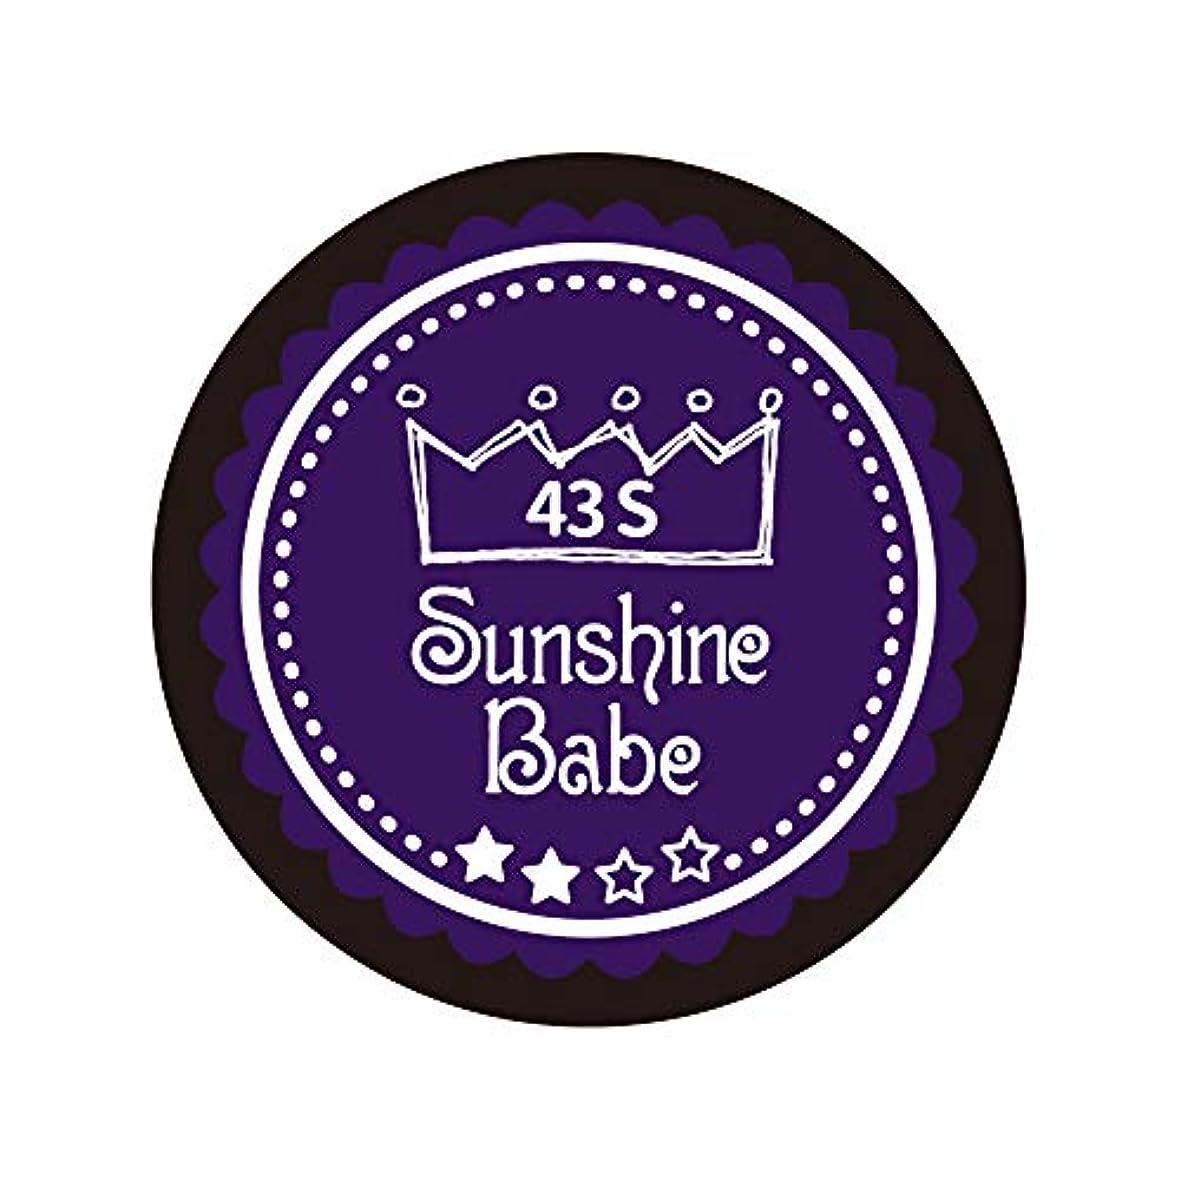 質素な天の本気Sunshine Babe カラージェル 43S オータムウルトラバイオレット 2.7g UV/LED対応